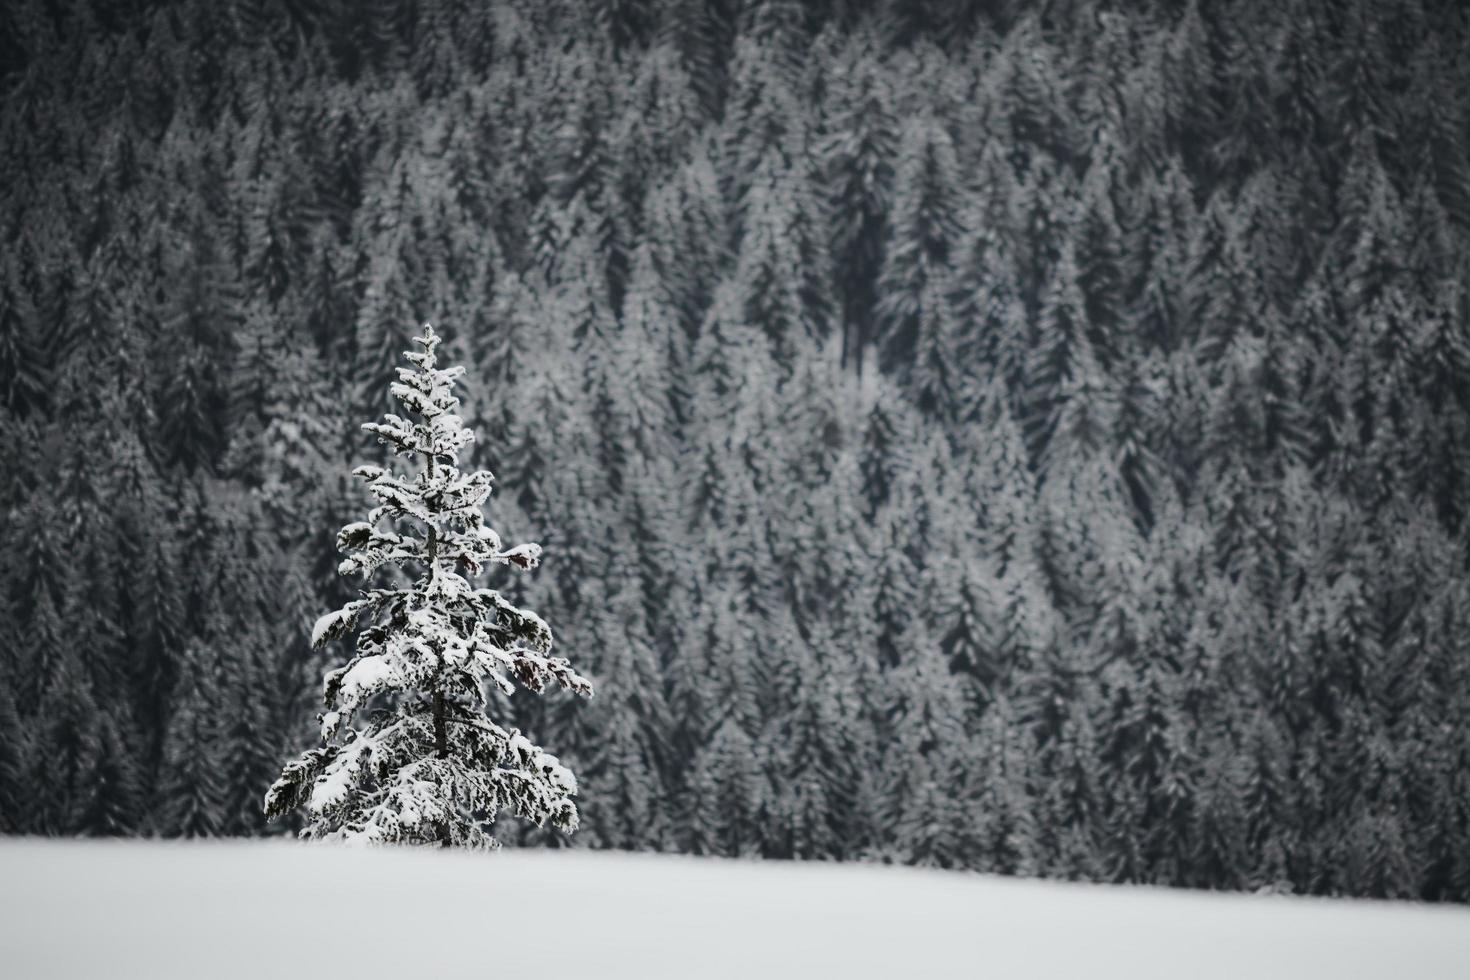 albero di pino verde coperto di neve foto